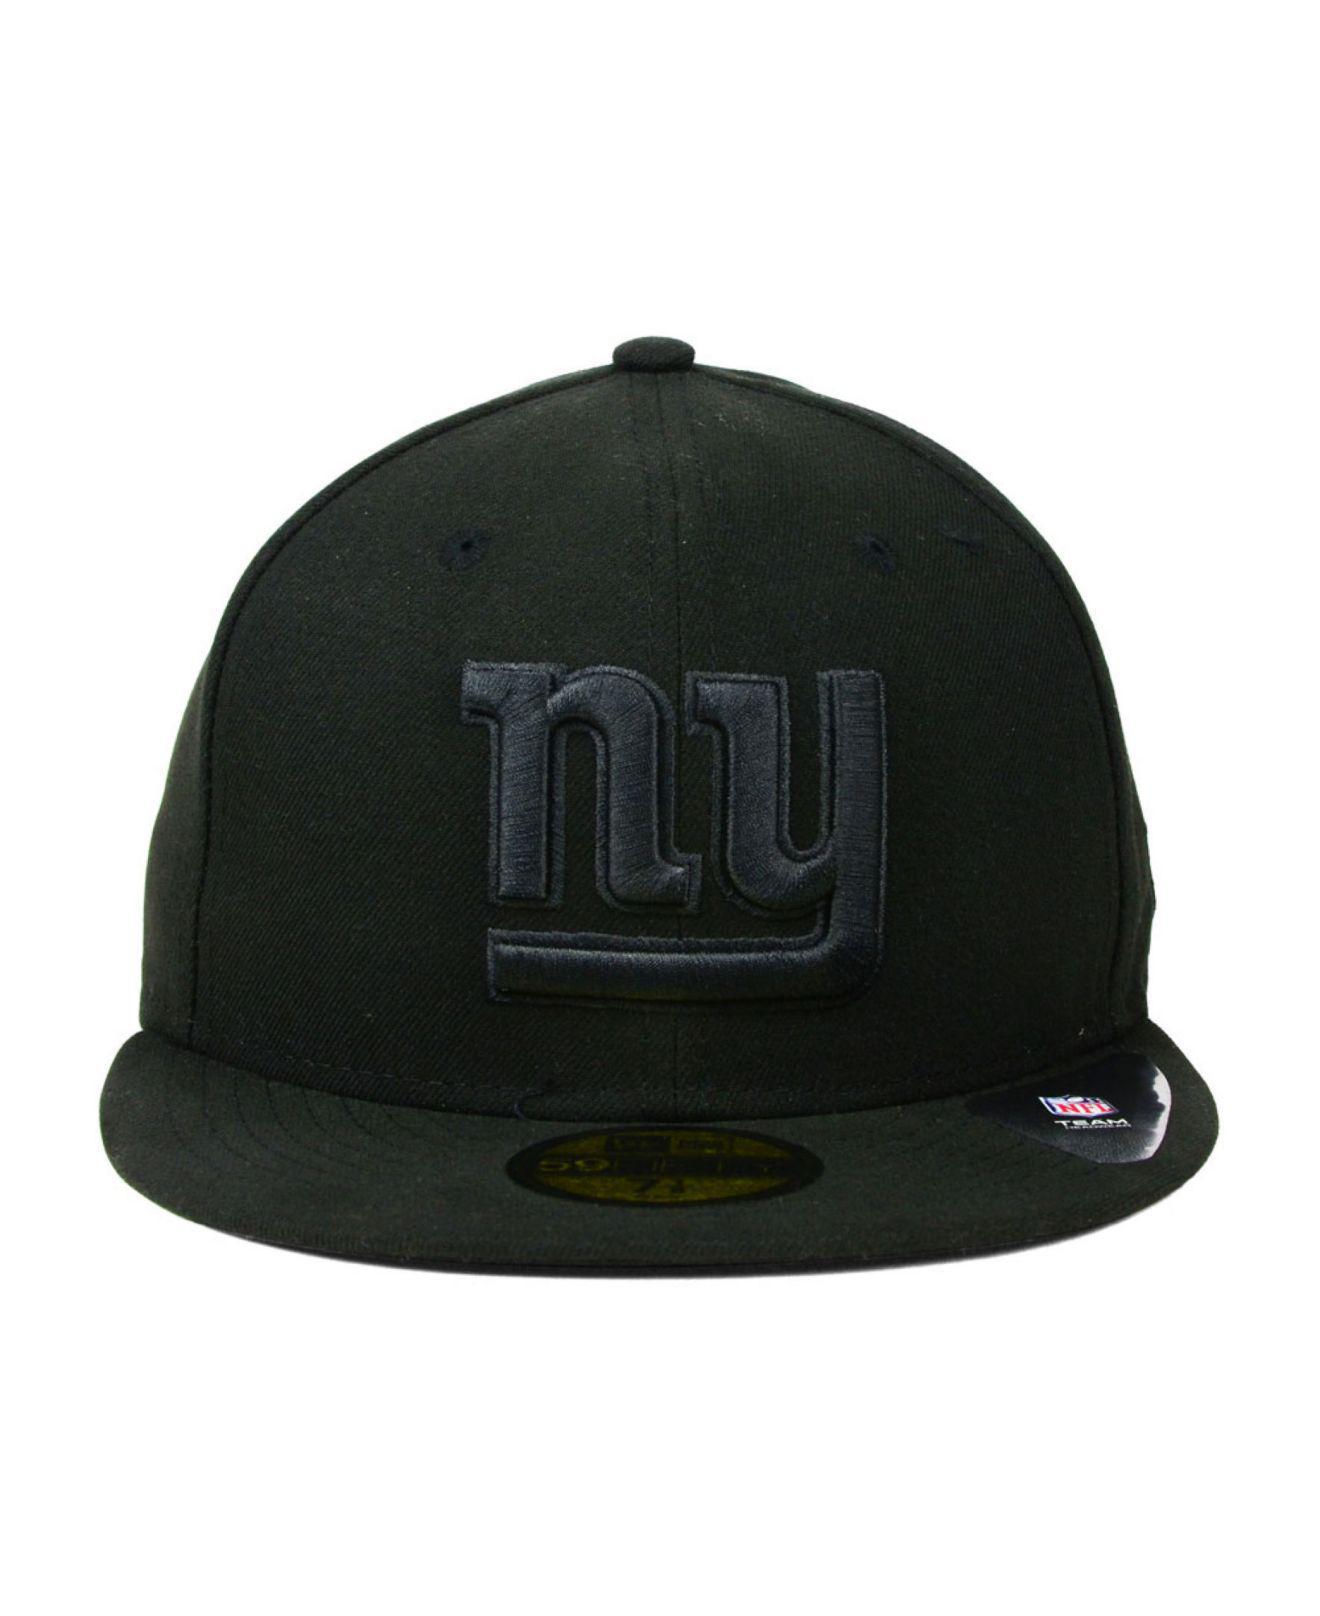 Lyst - Ktz New York Giants Black On Black 59fifty Cap in Black for Men cbb26969f